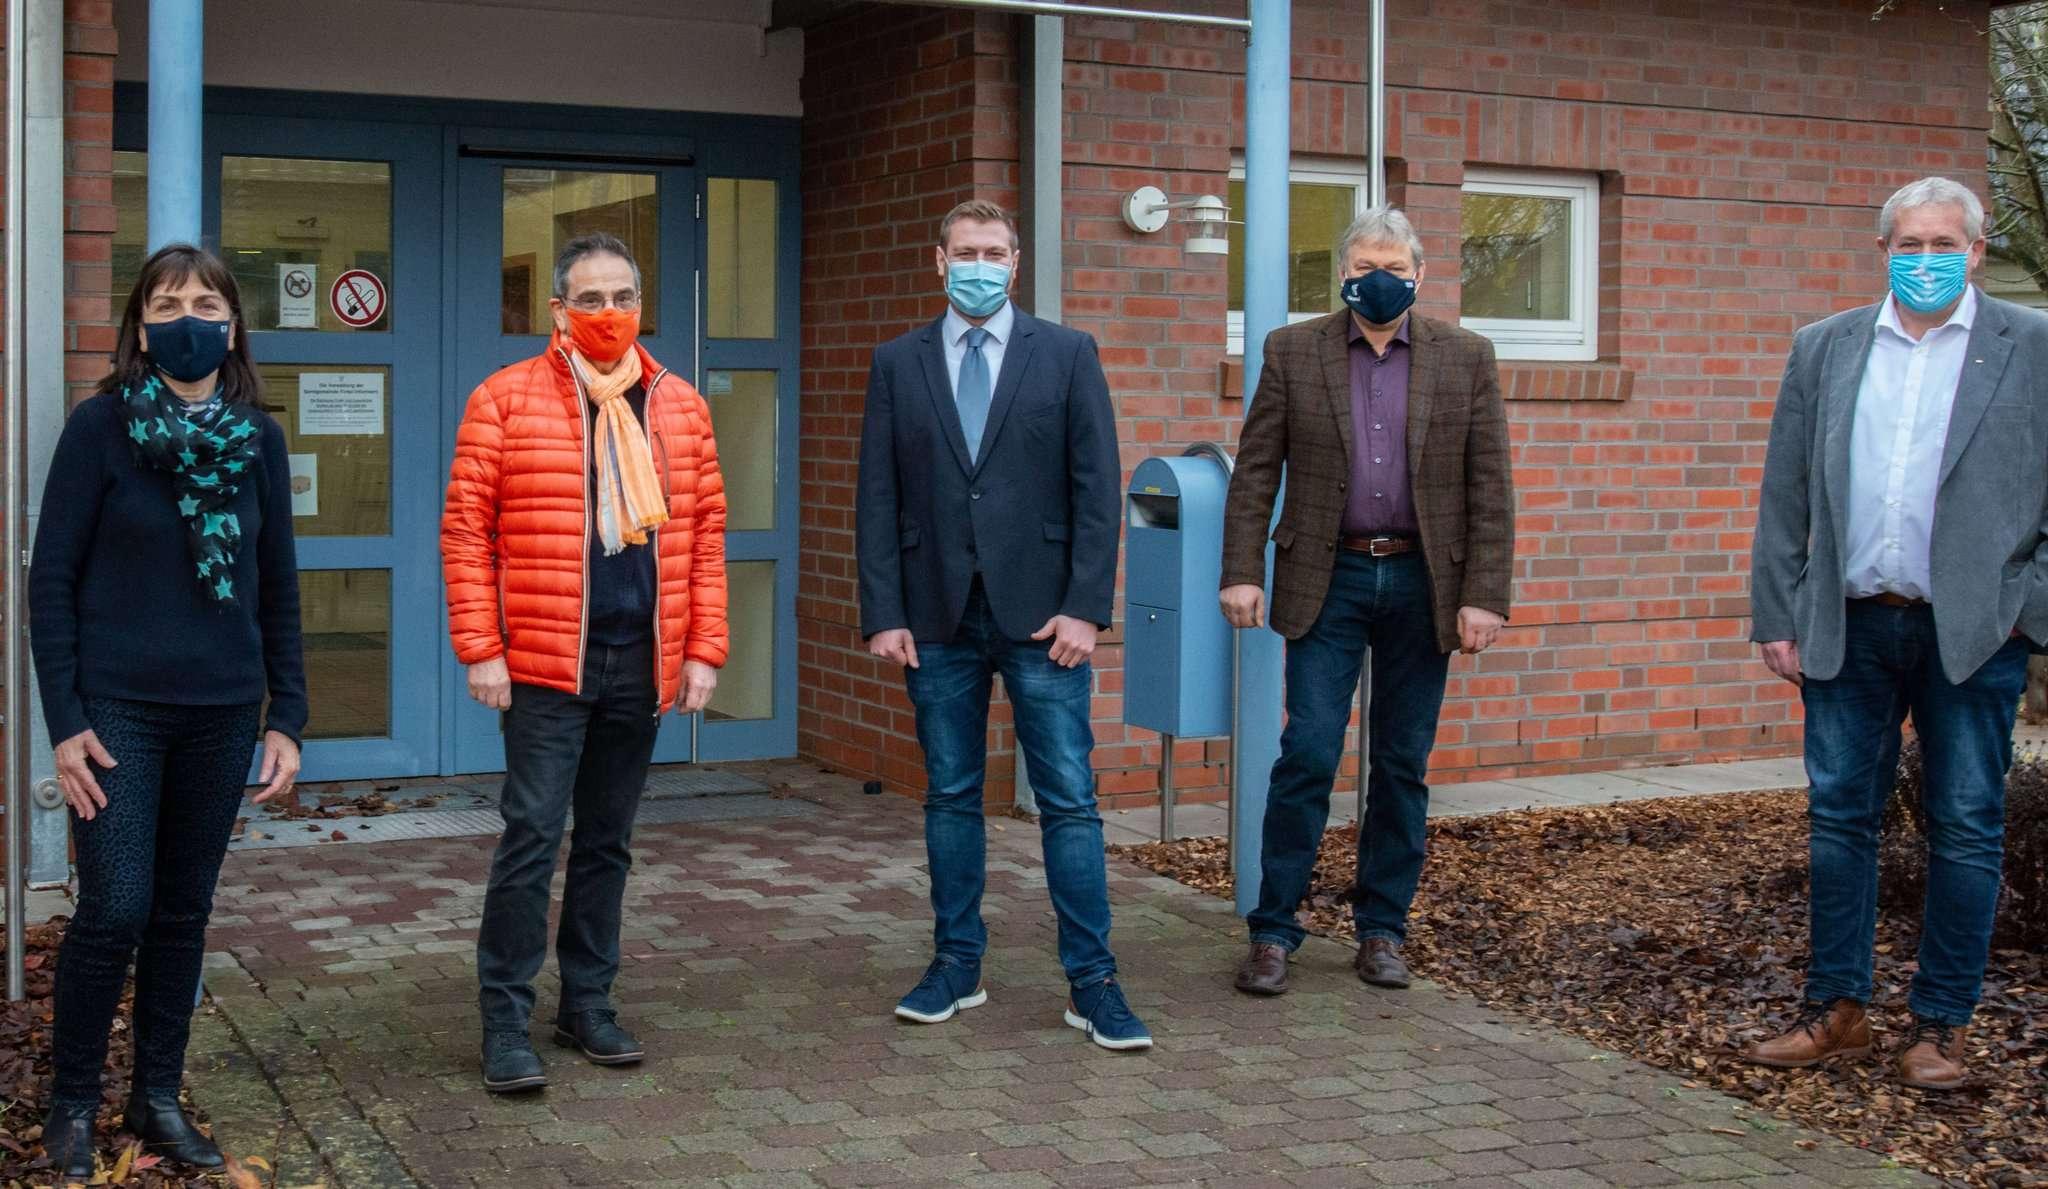 Gabriele Schnellrieder (Grüne), Hans-Jürgen Schnellrieder, Sven Maier, Jürgen Rademacher und Michael Versemann möchten die Gemeinde voranbringen. Foto: Klaus-Dieter Plage